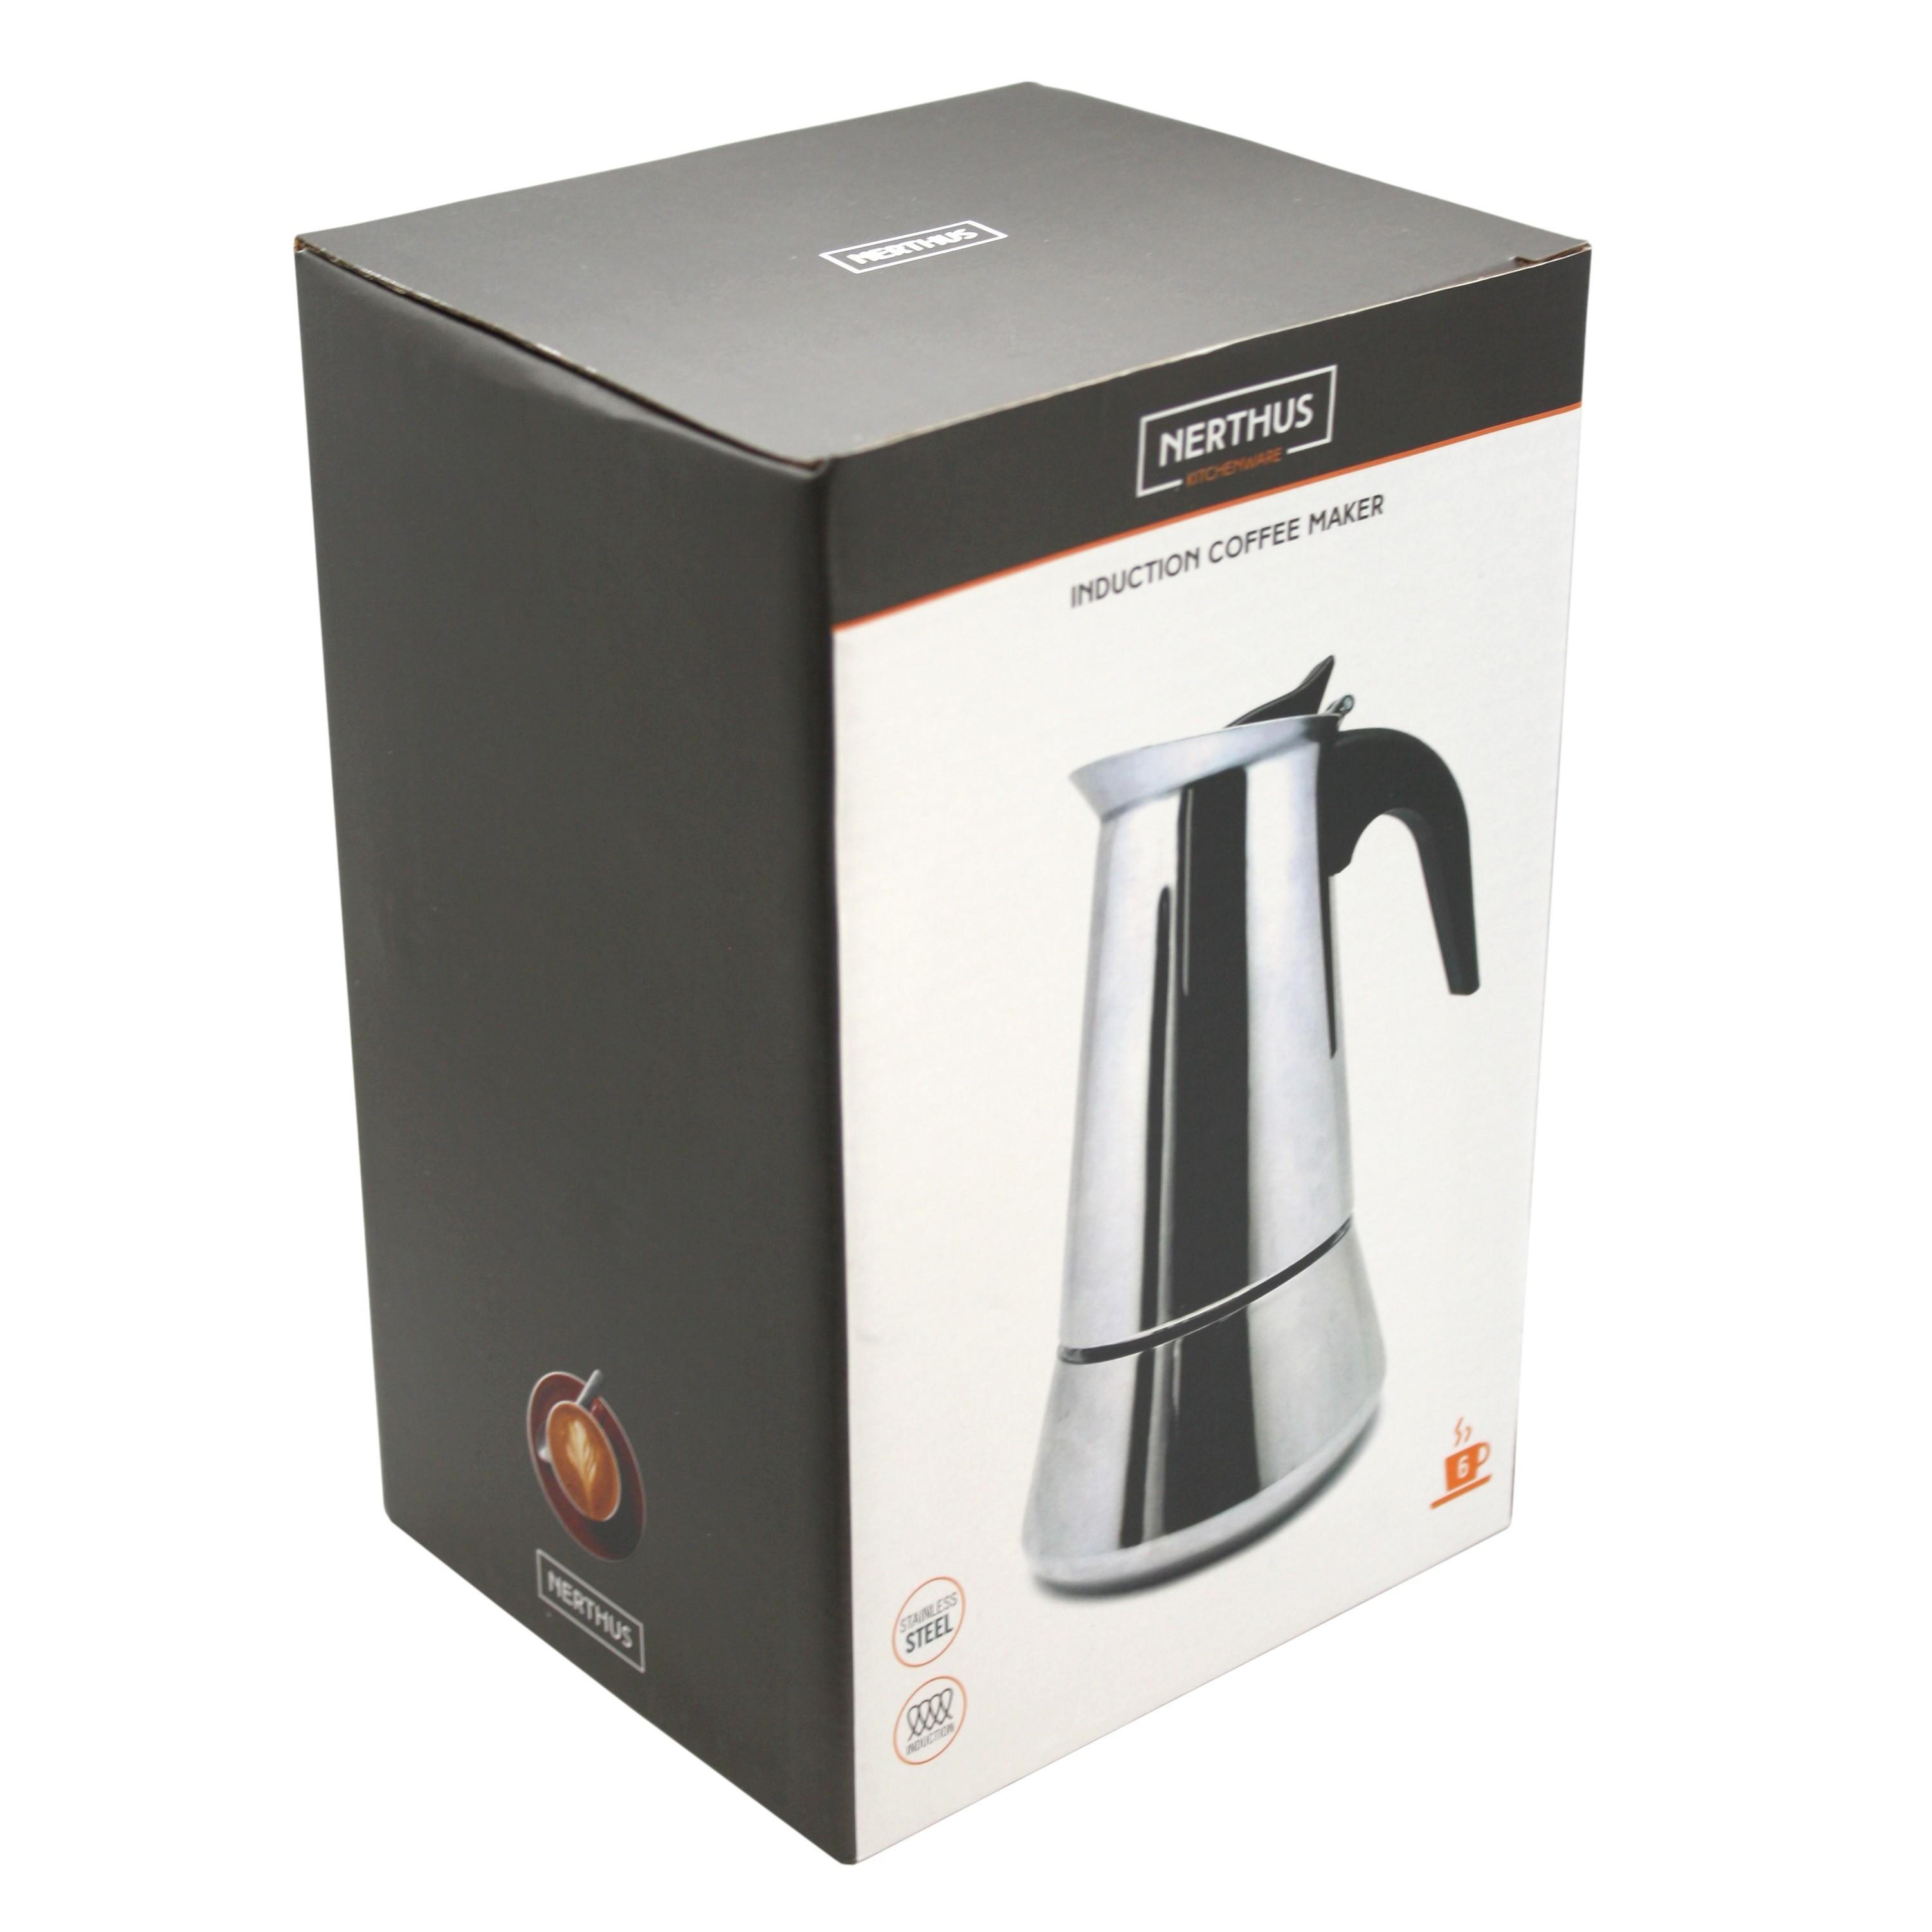 Piastre A Induzione Costi details about caffettiera induzione 6 tazze nerthus moka caffe per piastra  elettrica